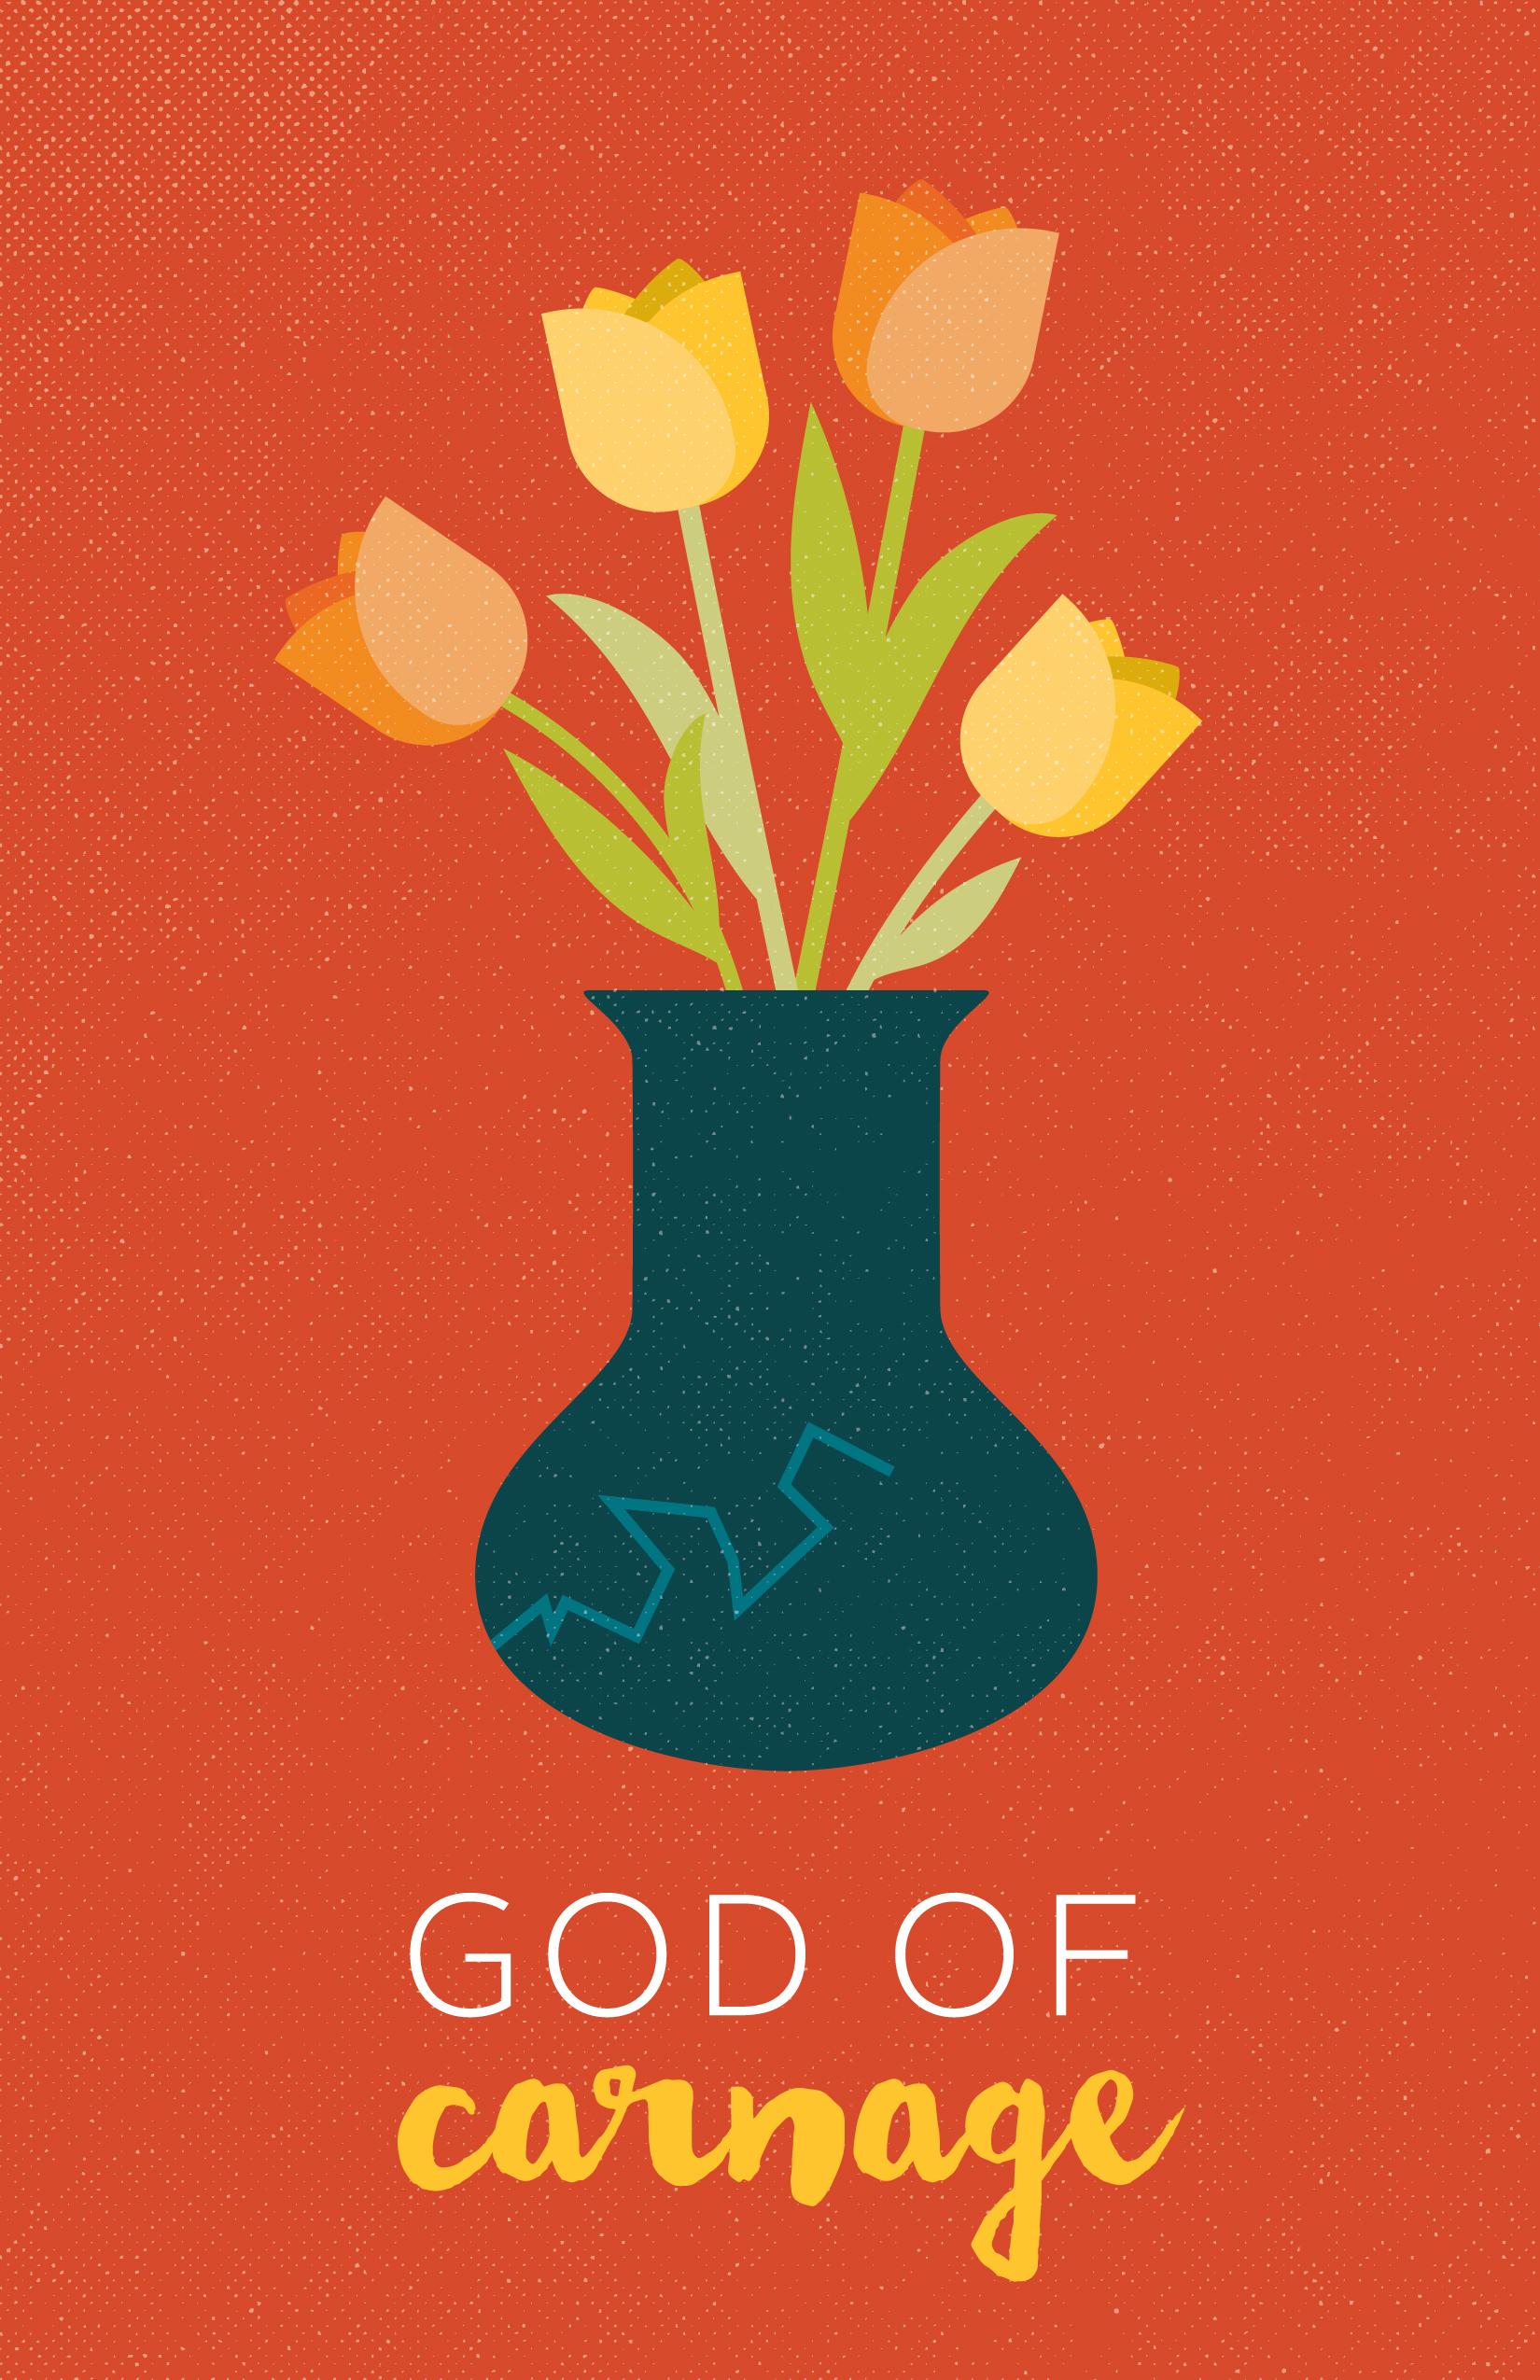 1819-02-God-of-Carnage-Show-Image-Horizontal.jpg